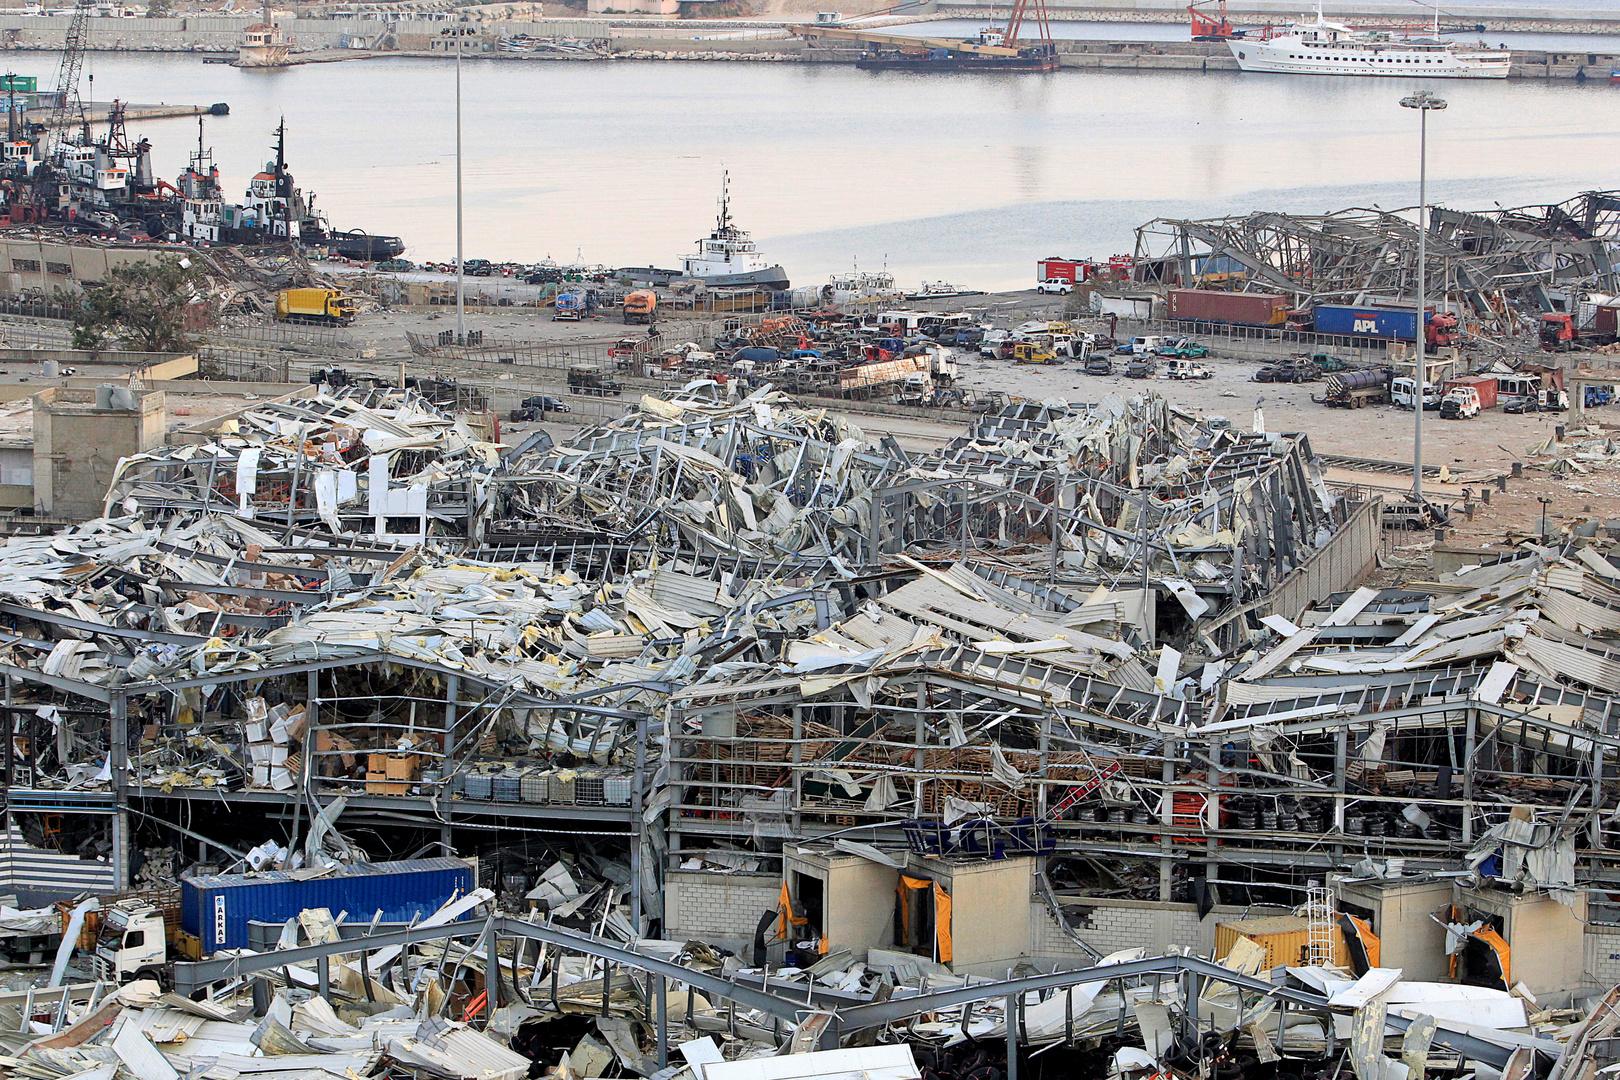 """مسؤول إسرائيلي سابق: انفجار بيروت قد يكون ناجما عن ذخائر لـ""""حزب الله"""""""